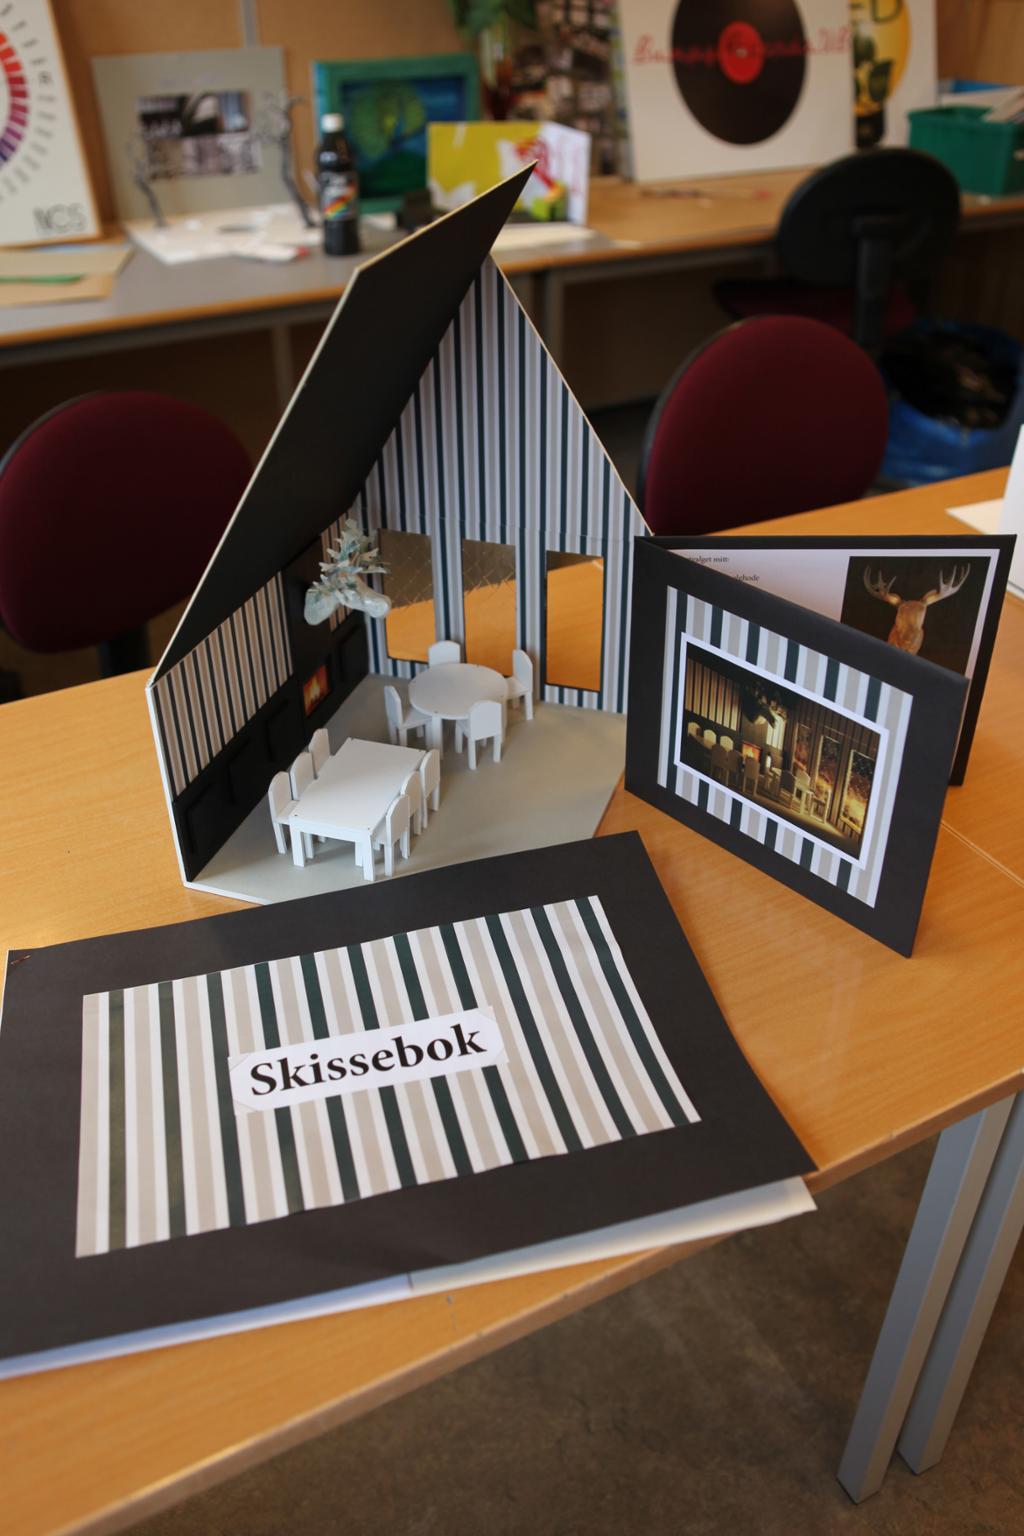 Skissebok, presentasjonsmappe og modell